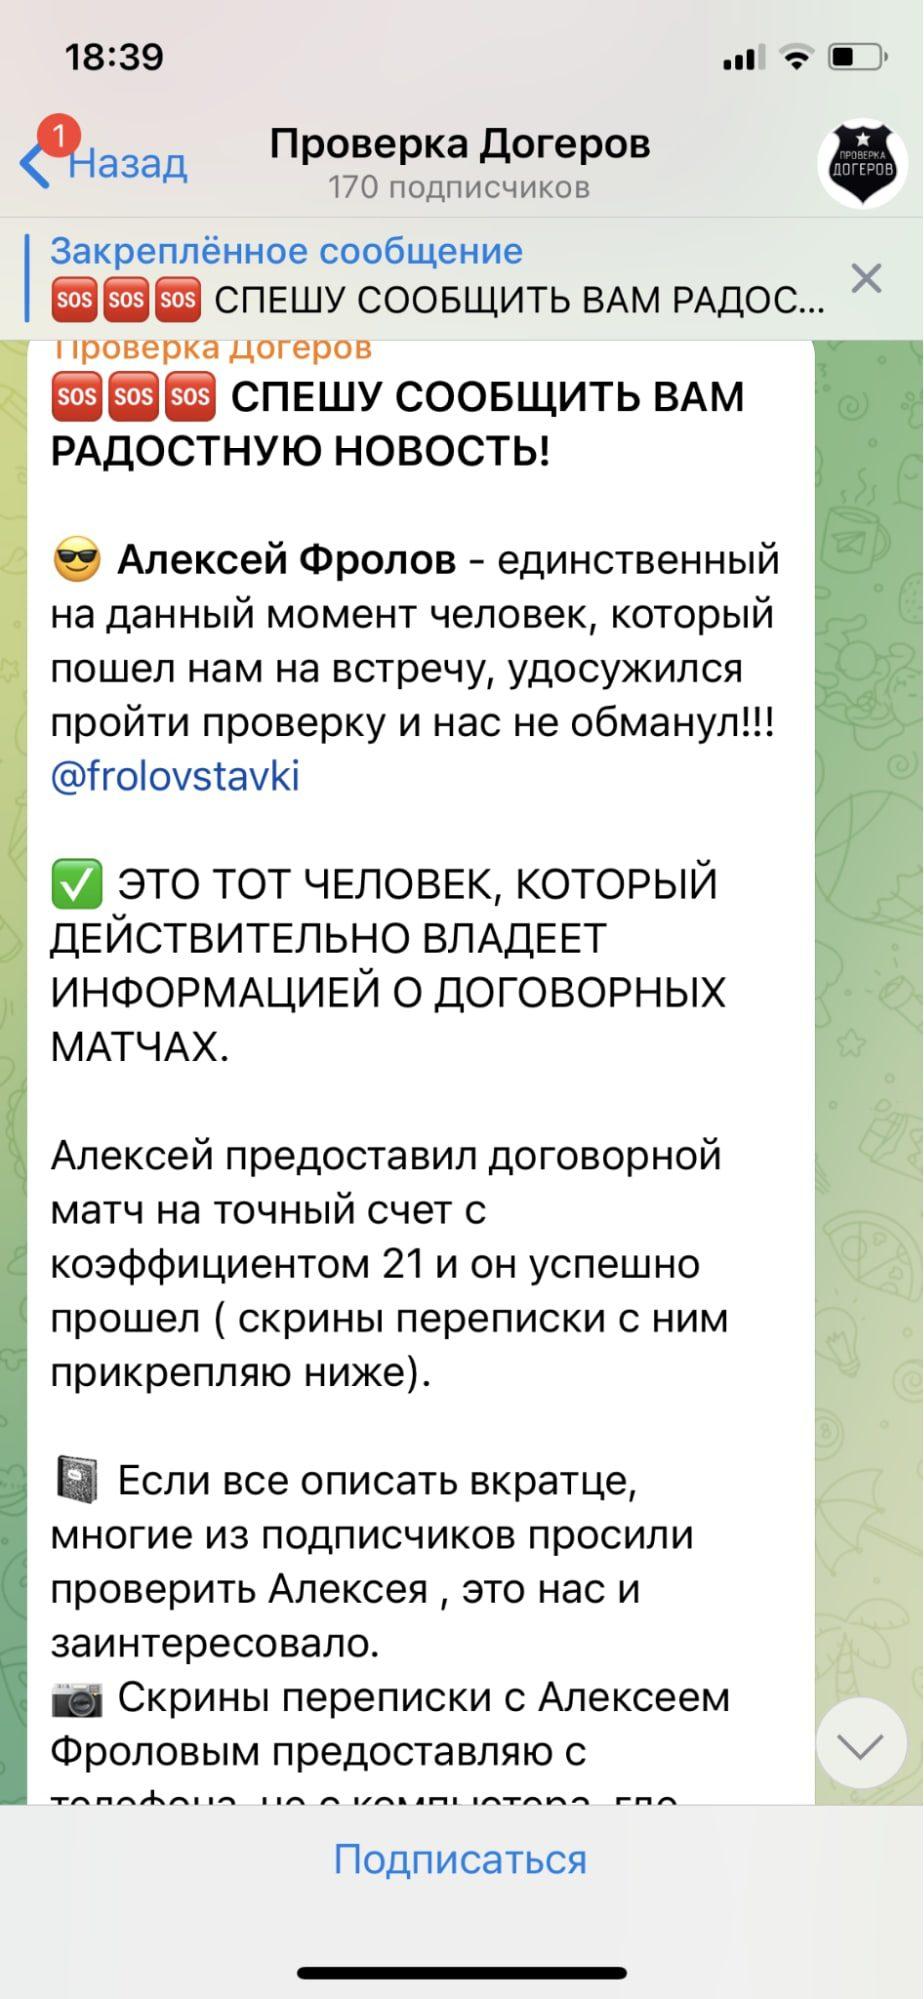 Проверка Догеров в Телеграм Алексея Фролова